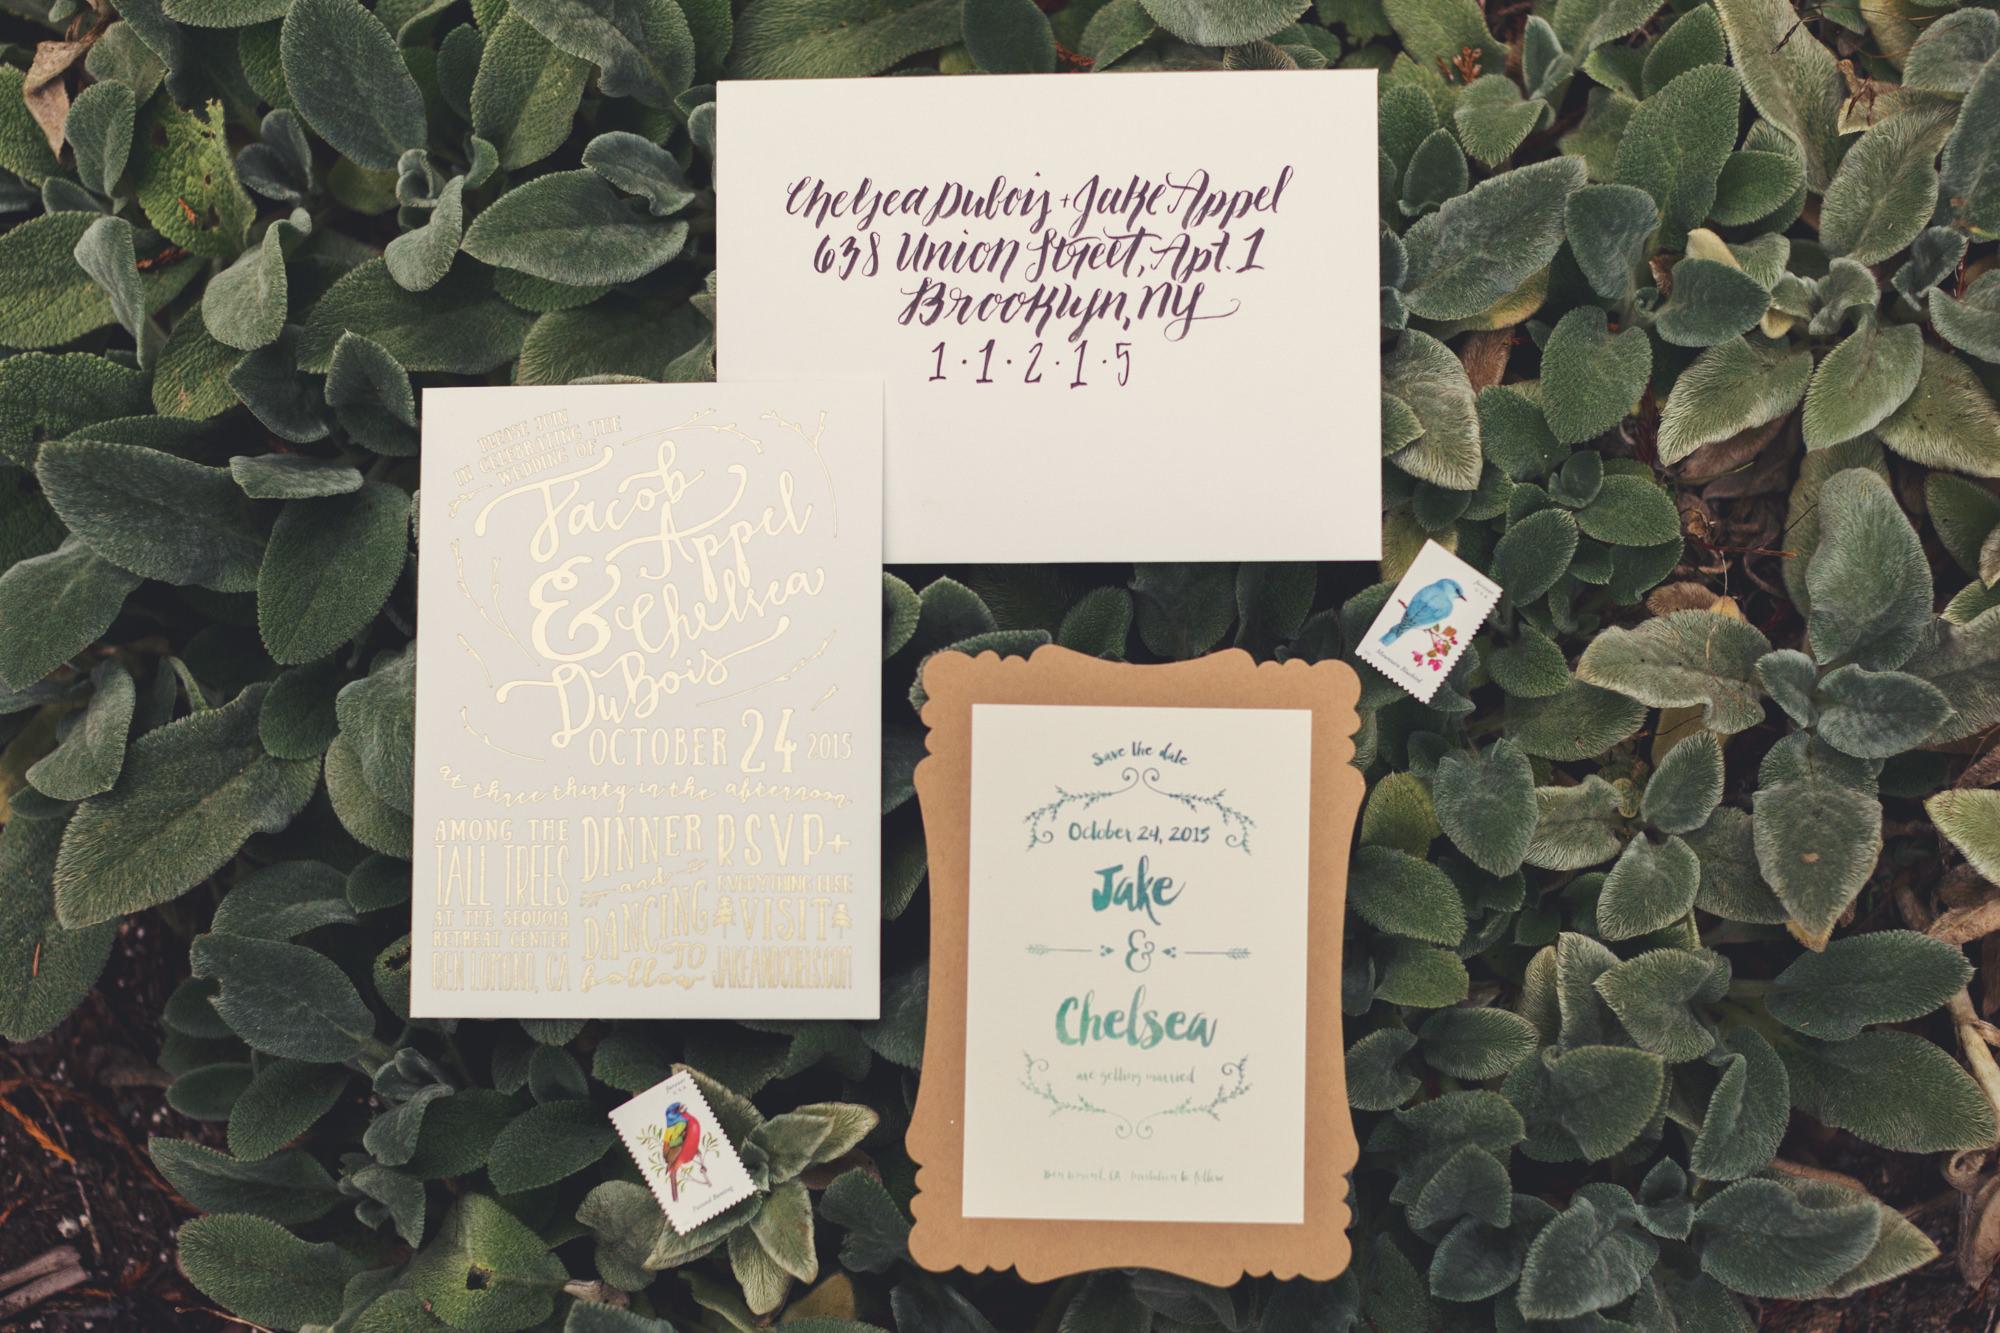 Sequoia Retreat Center Wedding@Anne-Claire Brun 09